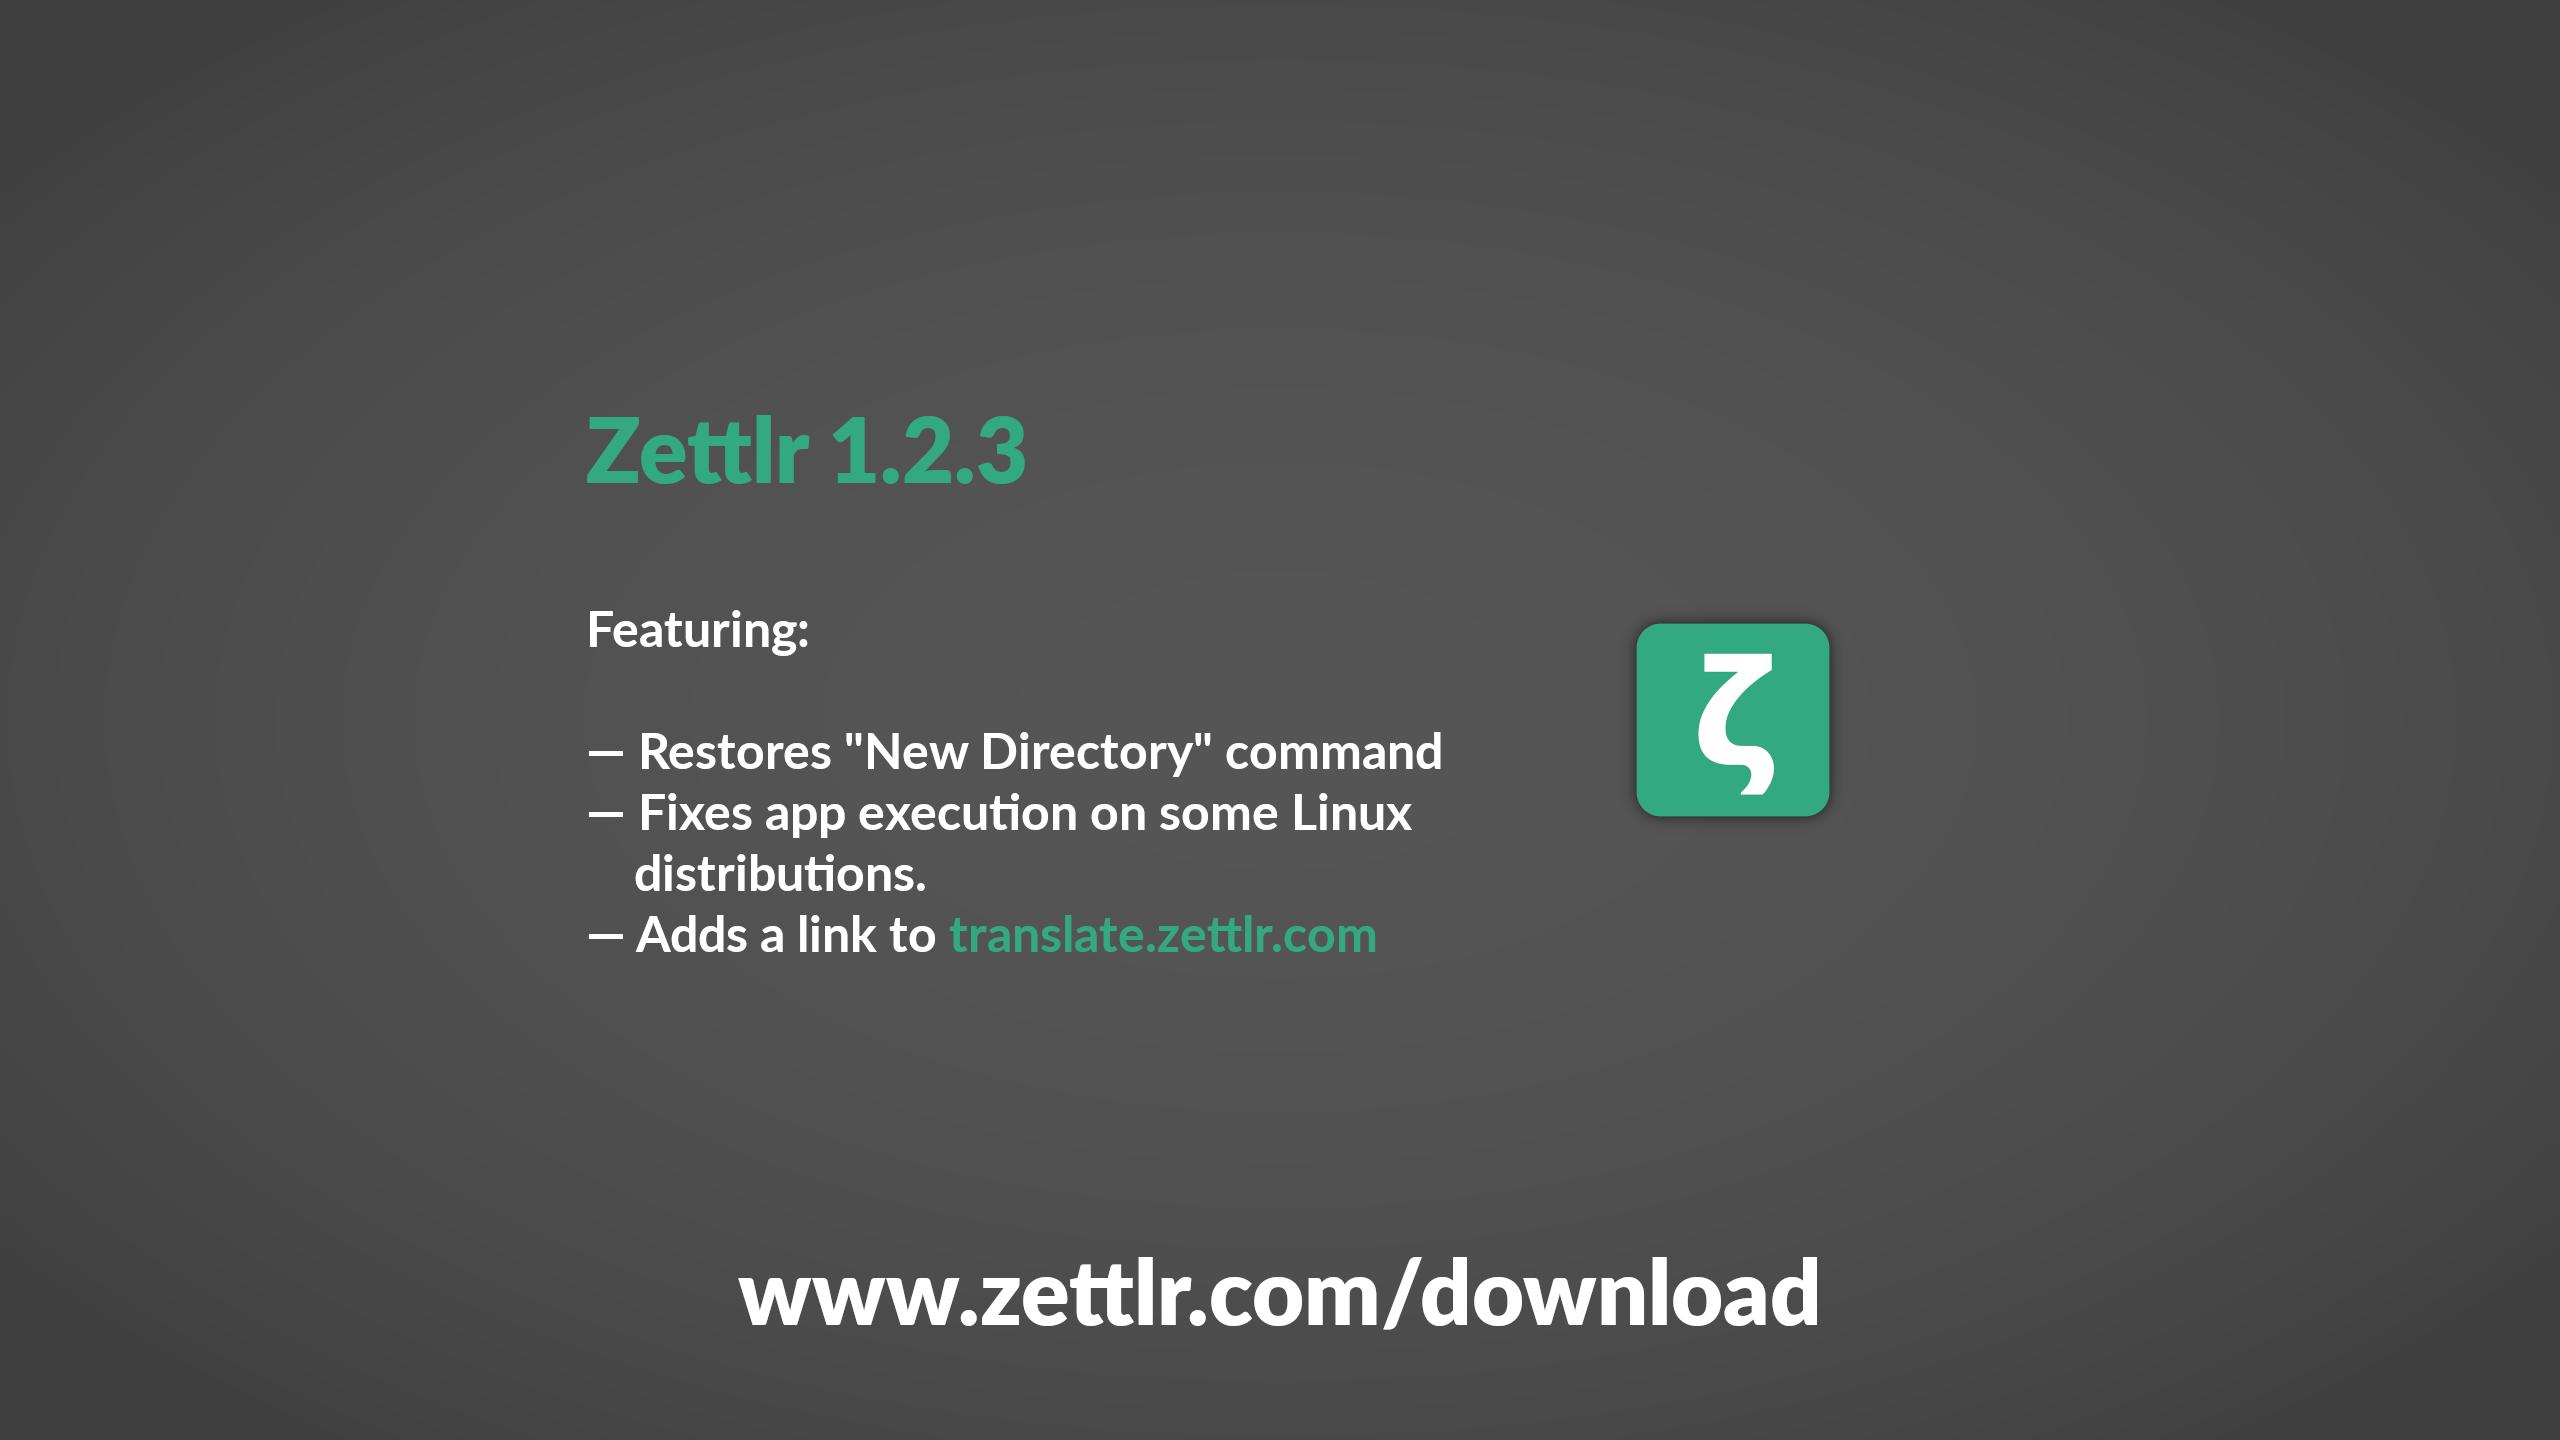 Zettlr 1.2.3 Released